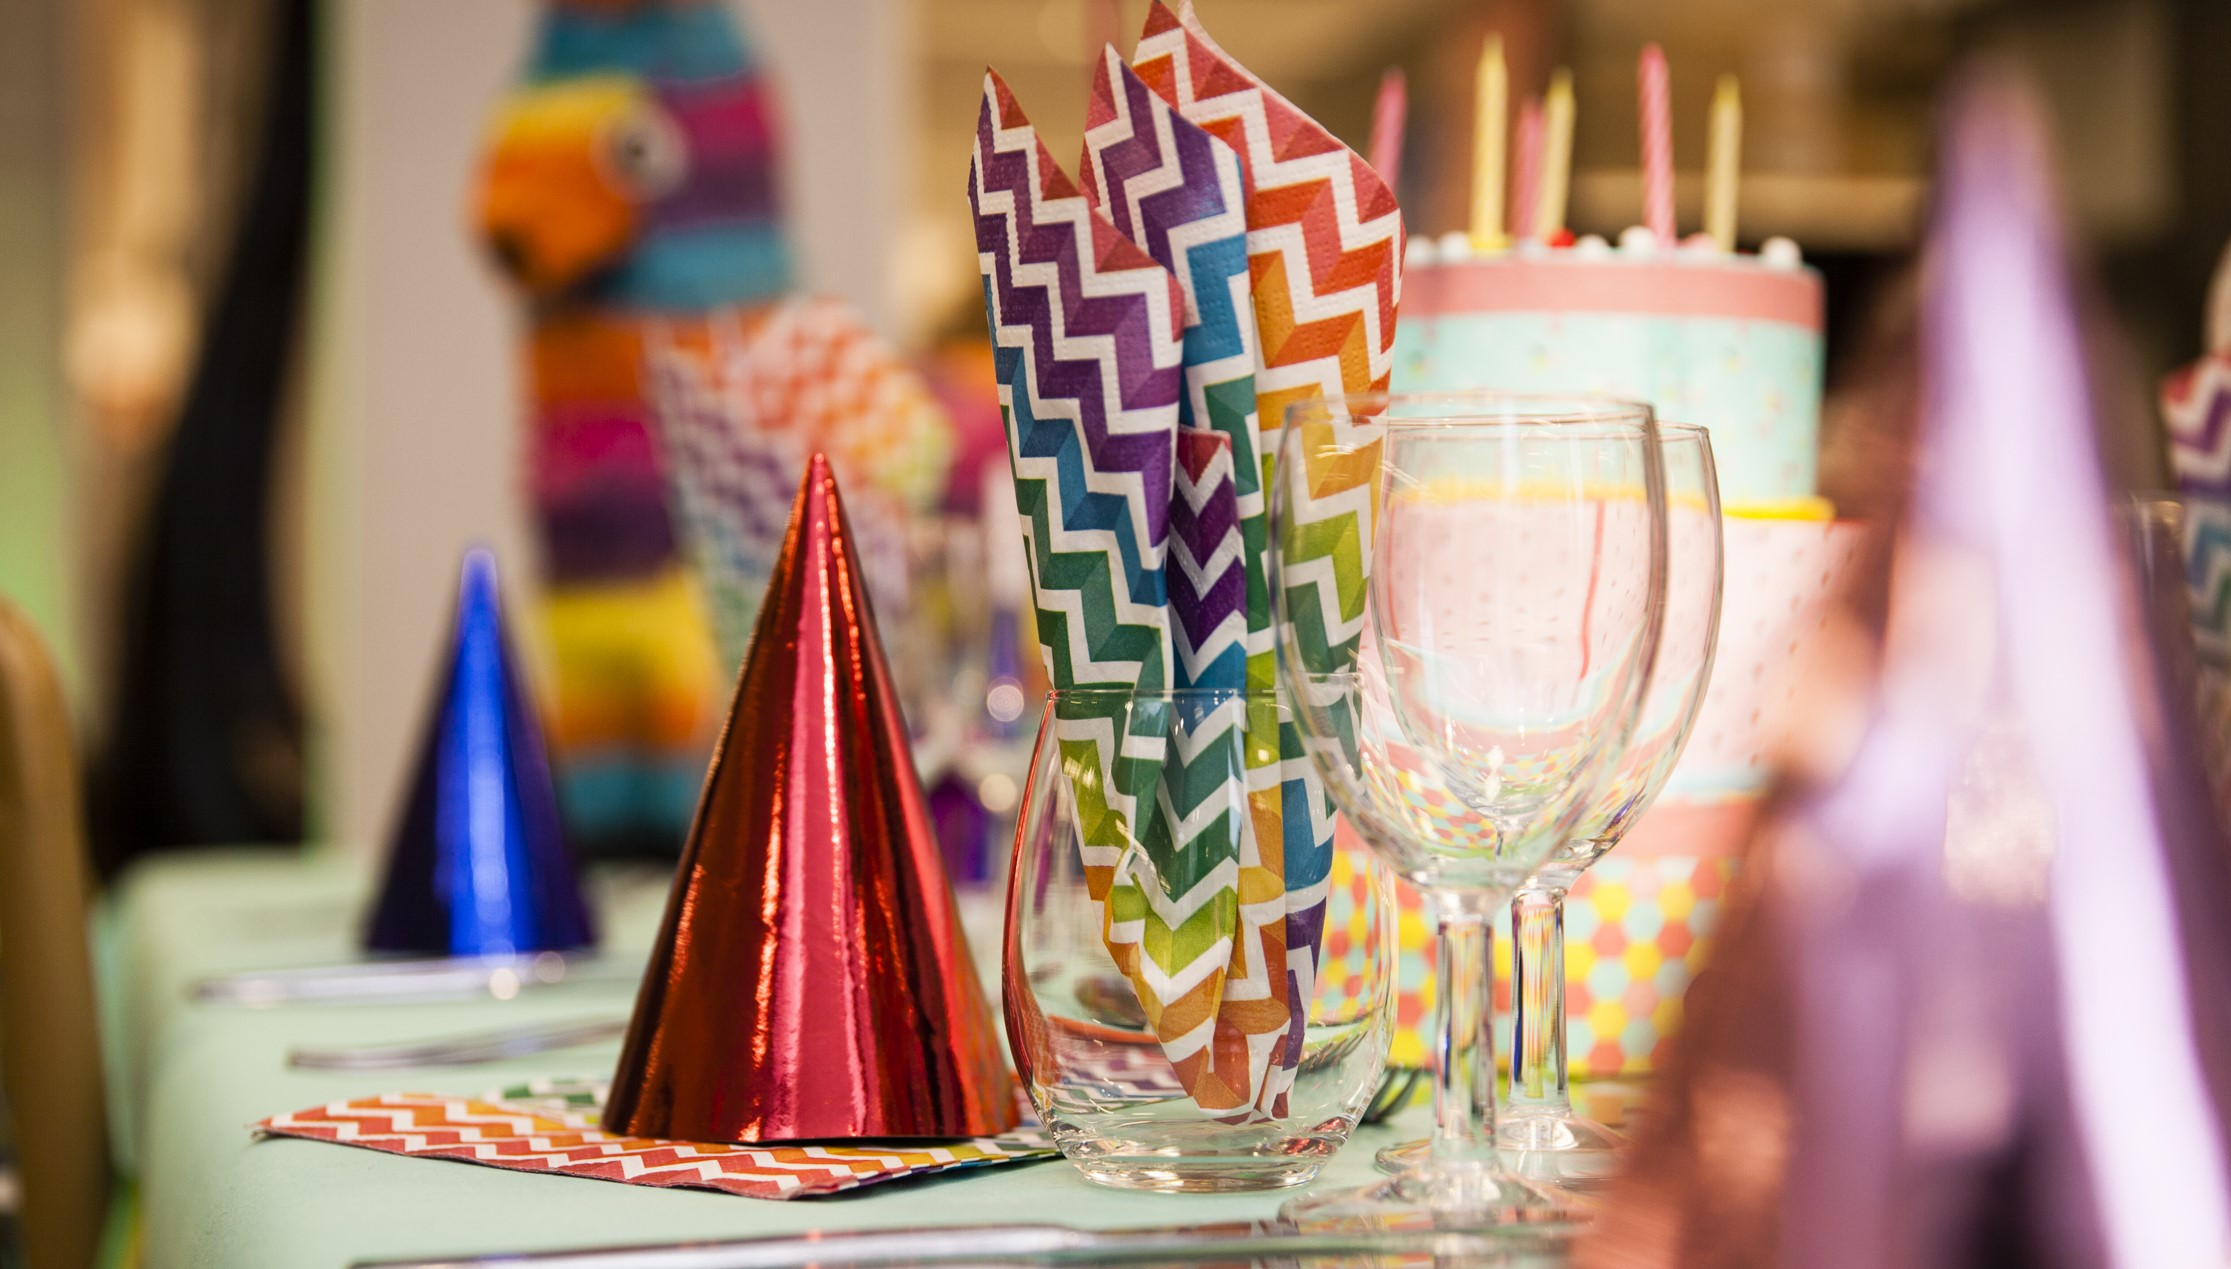 Feesthoedjes en feestversiering sieren deze tafel.